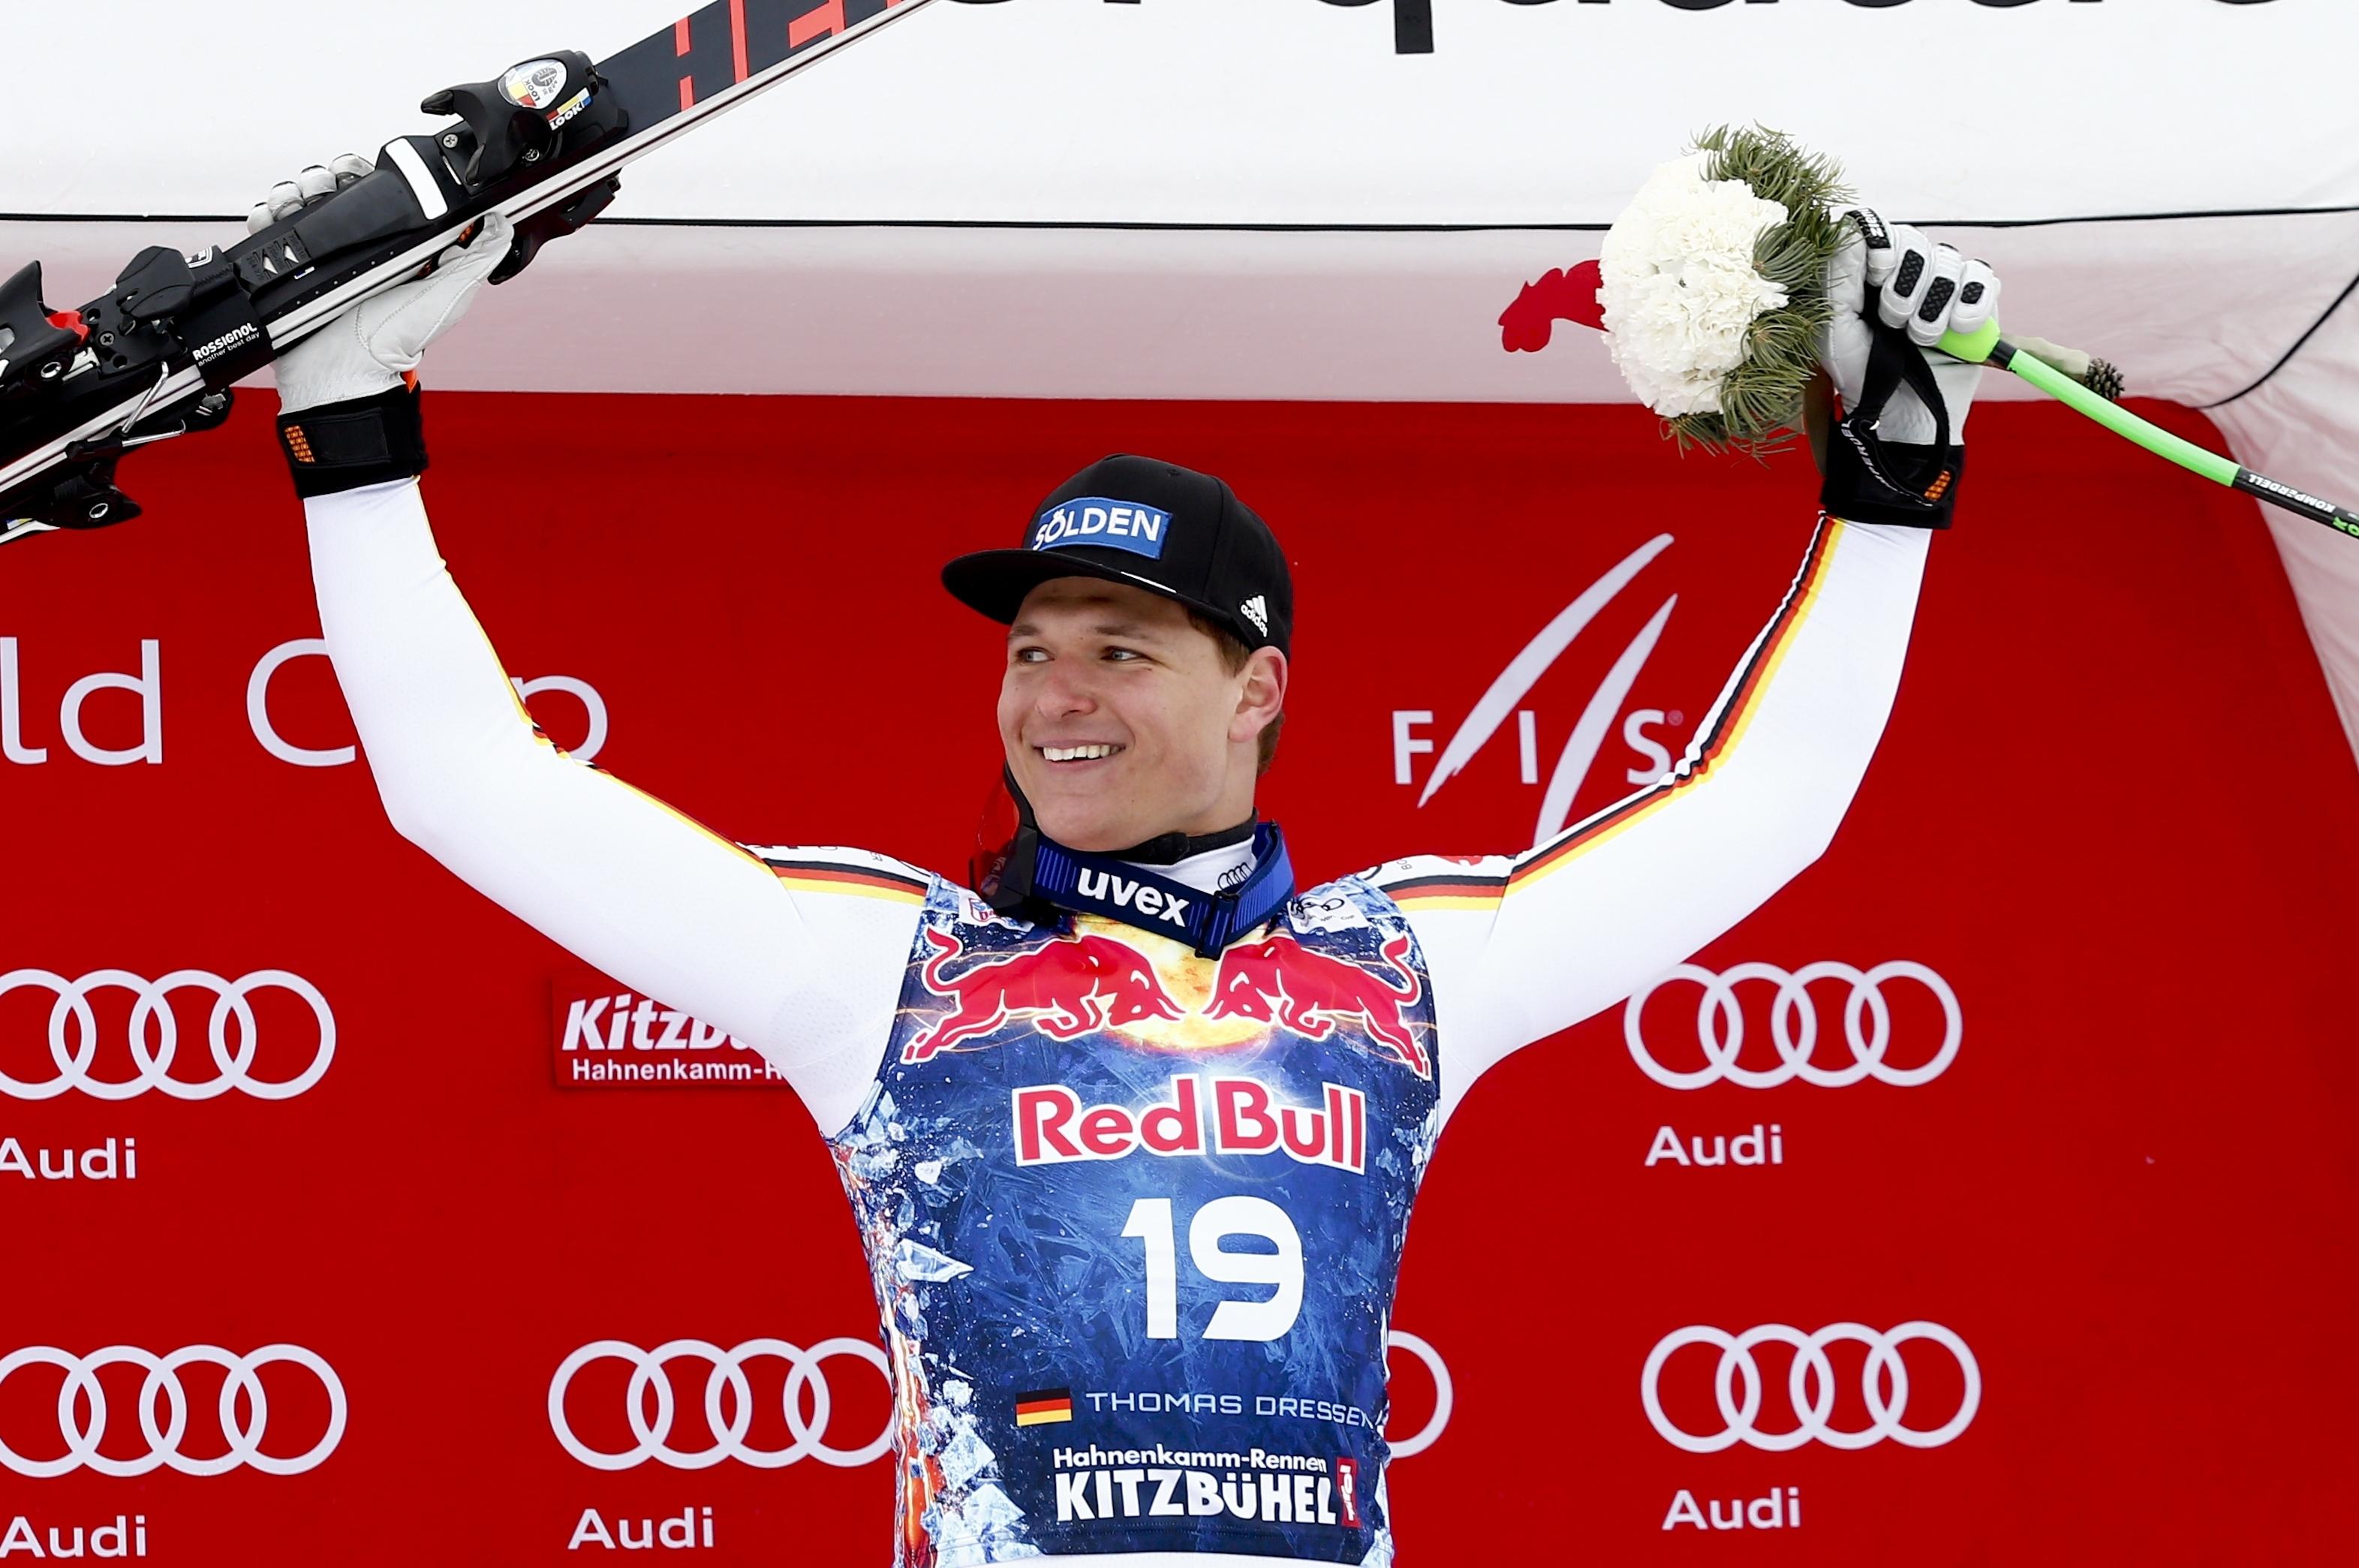 Sports d'hiver - Thomas Dressen, vainqueur surprise à Kitzbühel